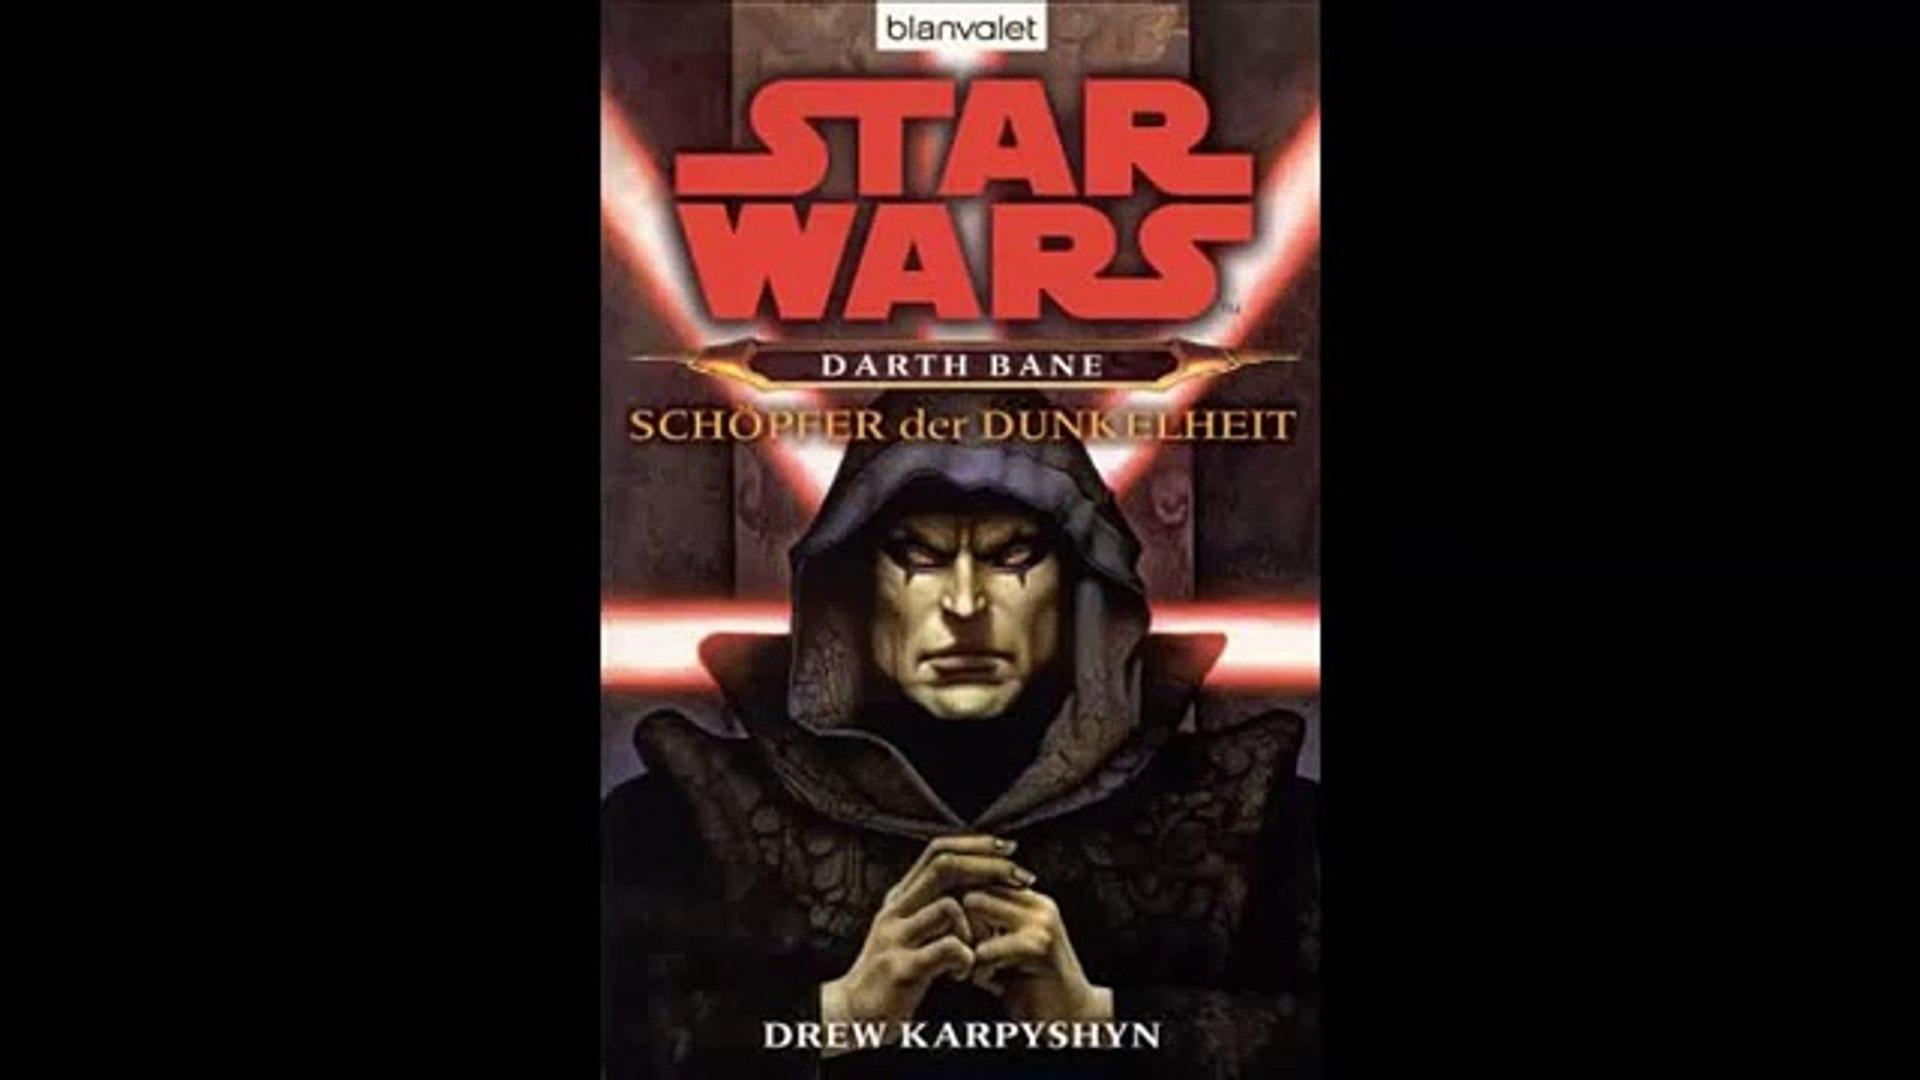 Hörbuch Star Wars Darth Bane Schöpfer Der Dunkelheit Kapitel 26